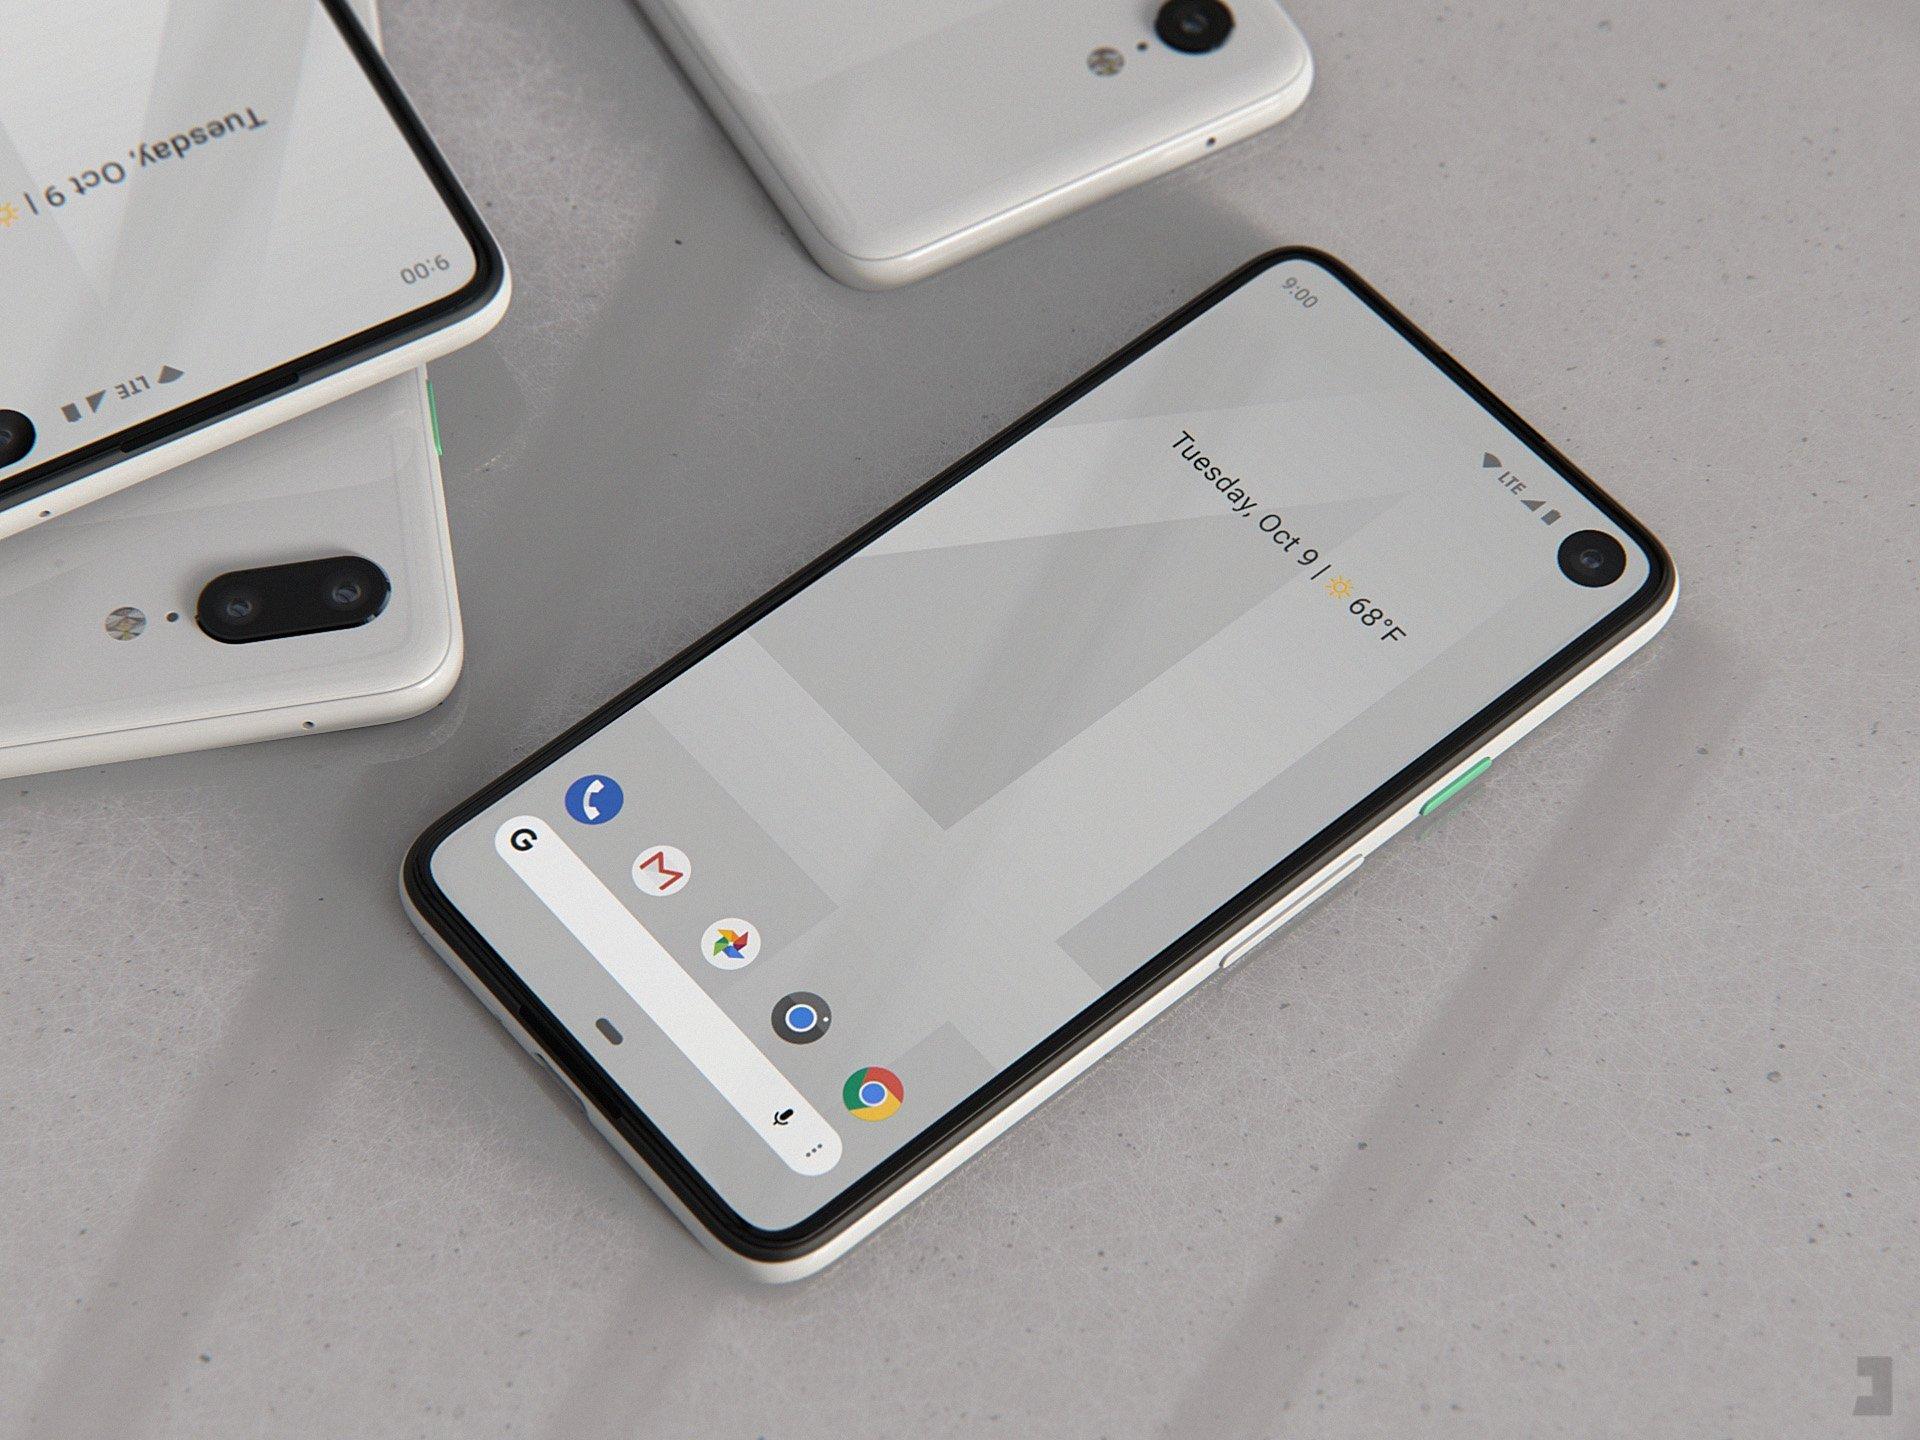 Google dévoile par erreur le Pixel 3A, son smartphone milieu de gamme